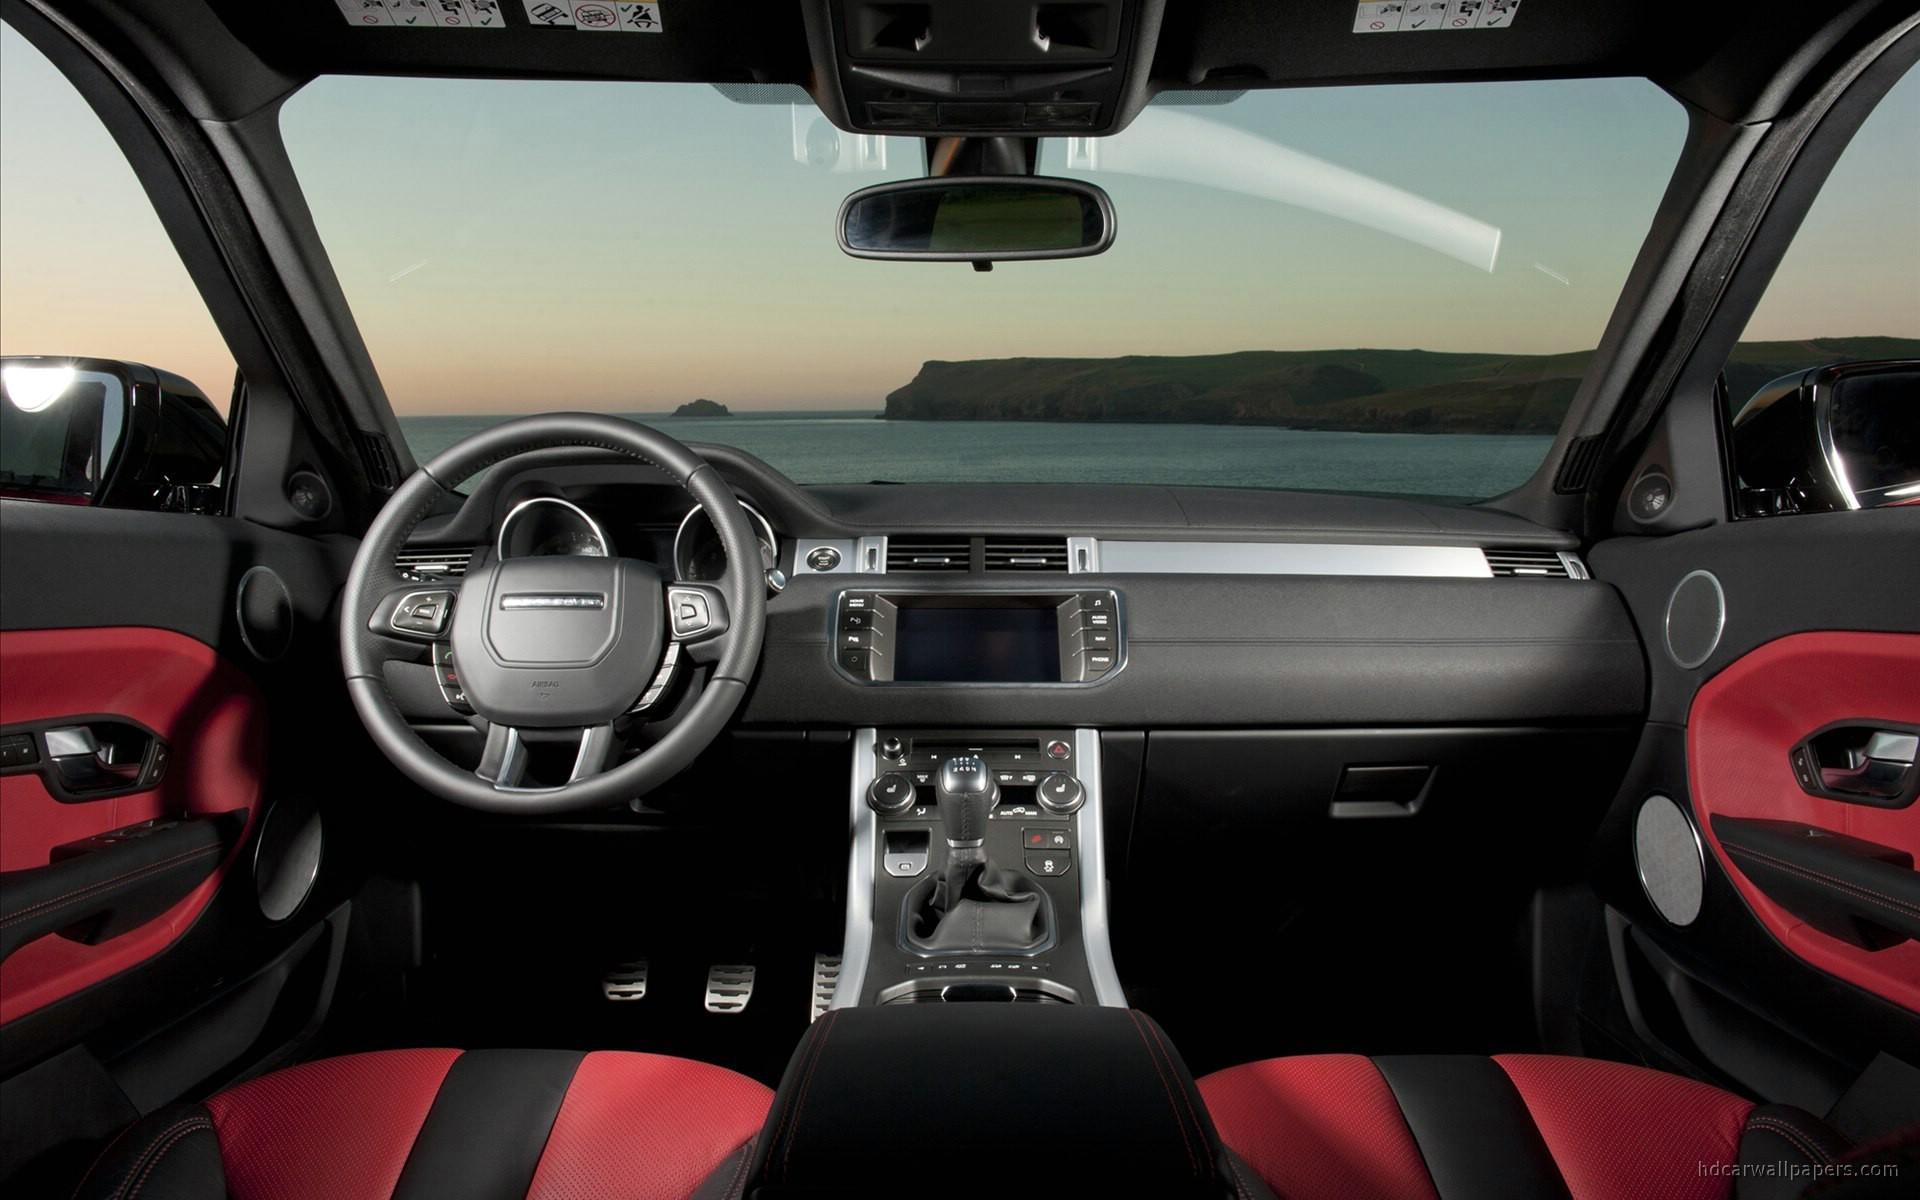 Maserati 4 Door >> Range Rover Evoque 5 Door Interior Wallpaper | HD Car ...